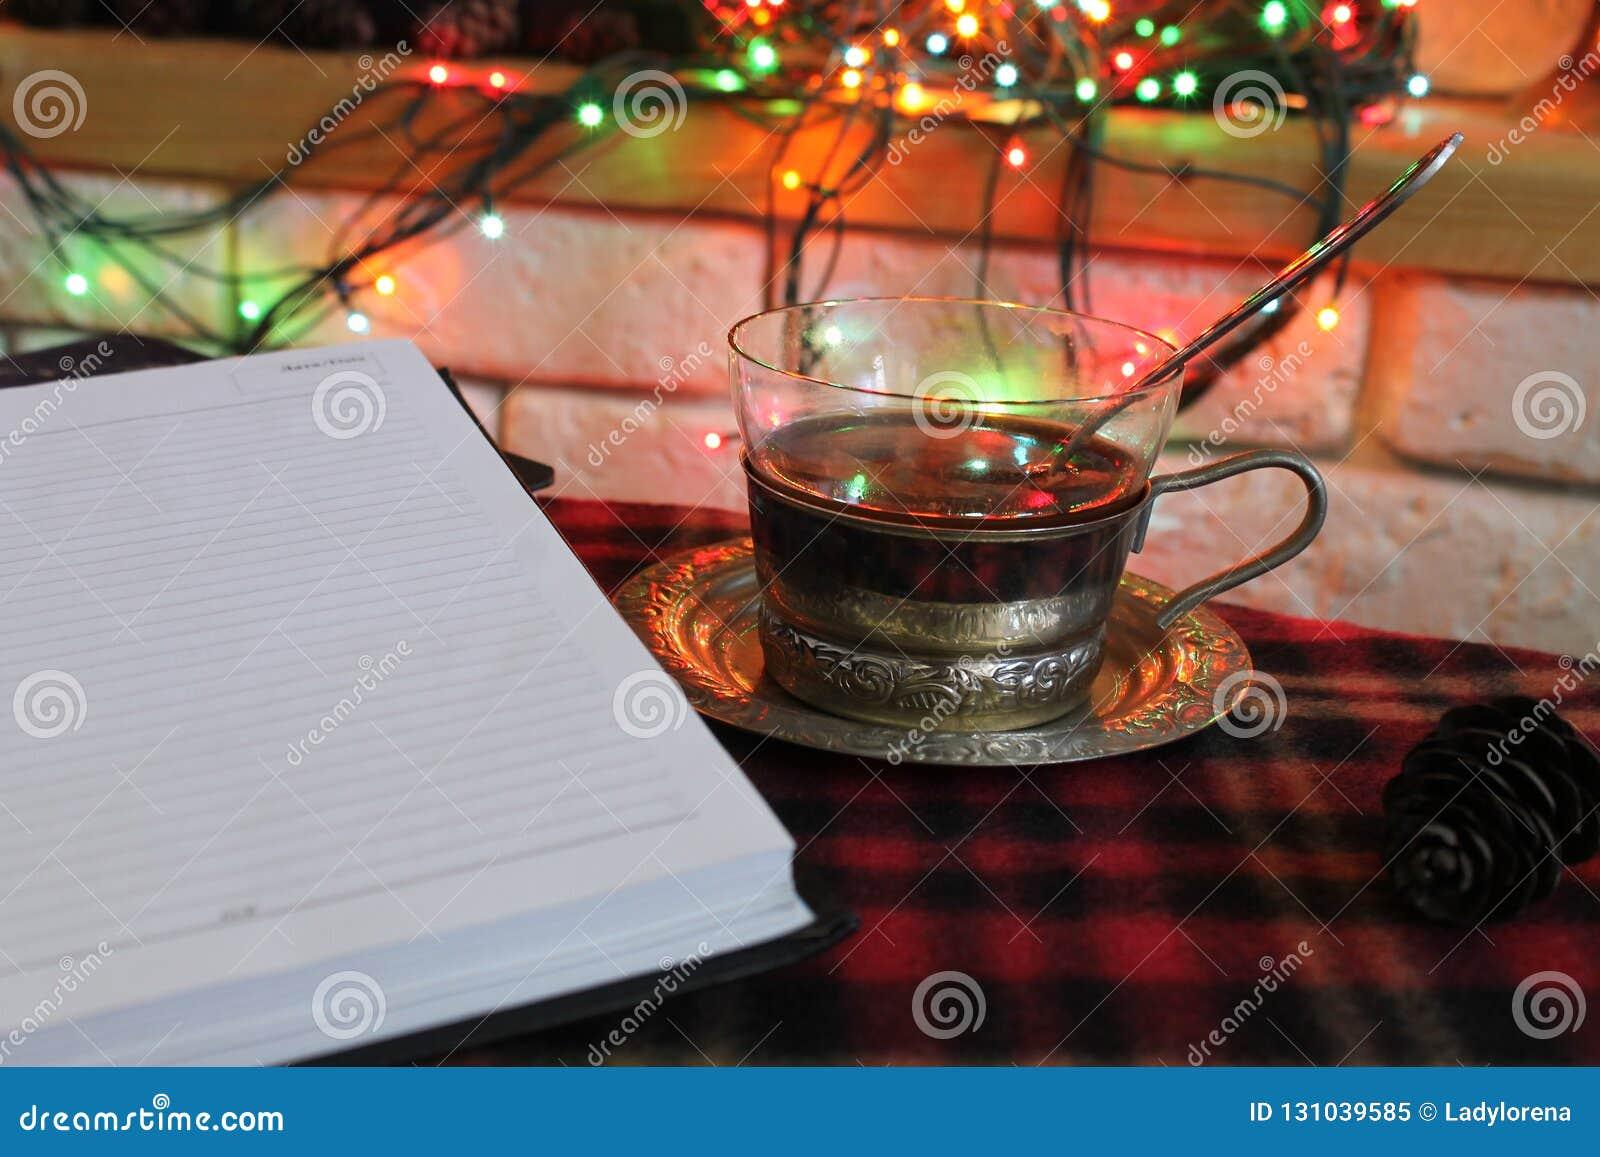 Offenes Tagebuch, transparente Tasse Tee in einem Stahlbecherhalter auf dem Hintergrund eines brennenden Kamins und der Weihnacht